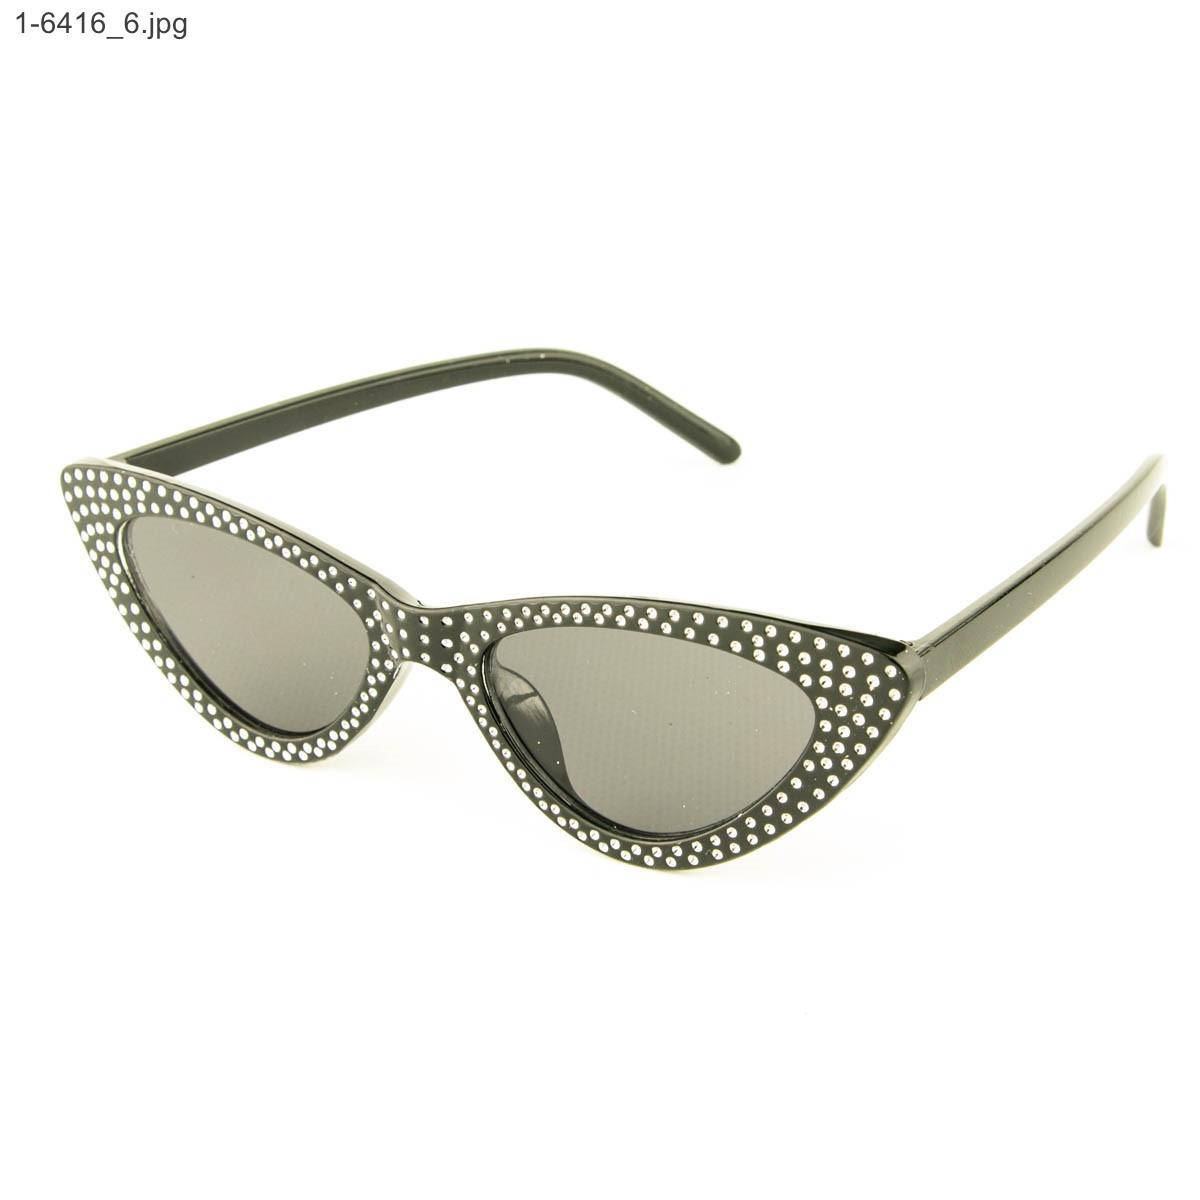 Оптом женские очки кошачий глаз - Черные черными линзами - 1-6416